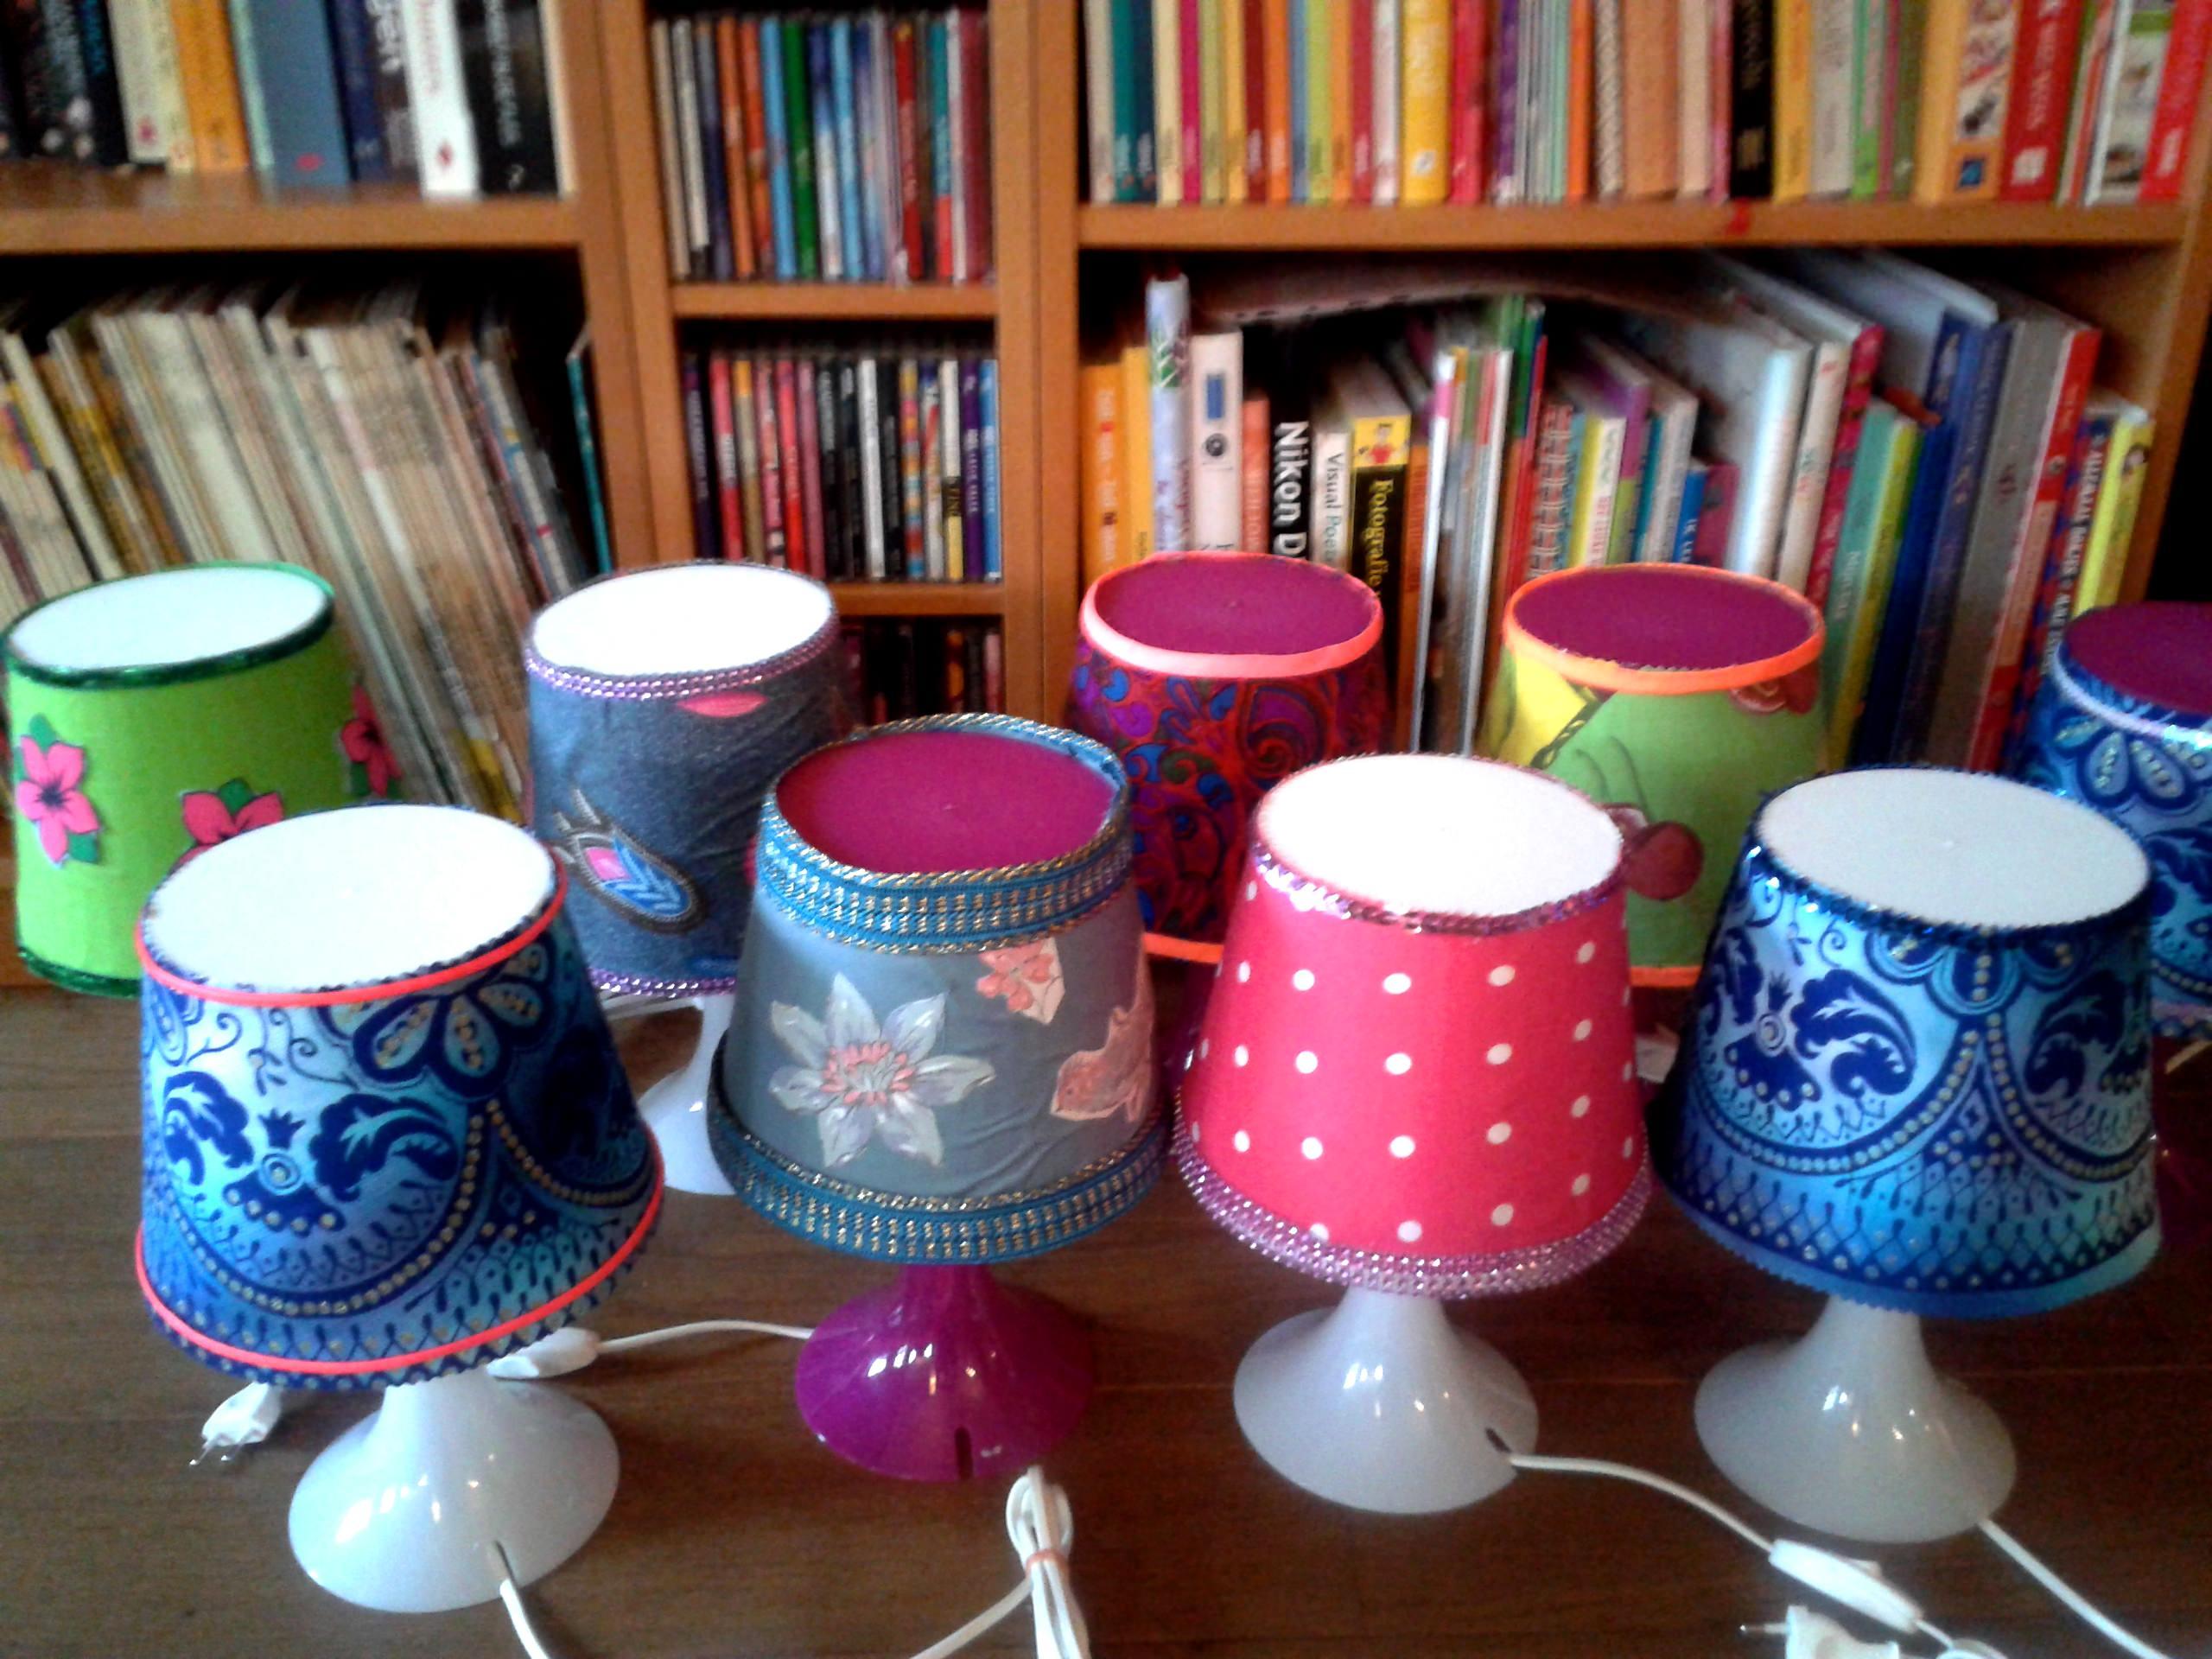 Verjaardagsfeestje lampje versieren in antwerpen - Slaapkamer om te versieren ...